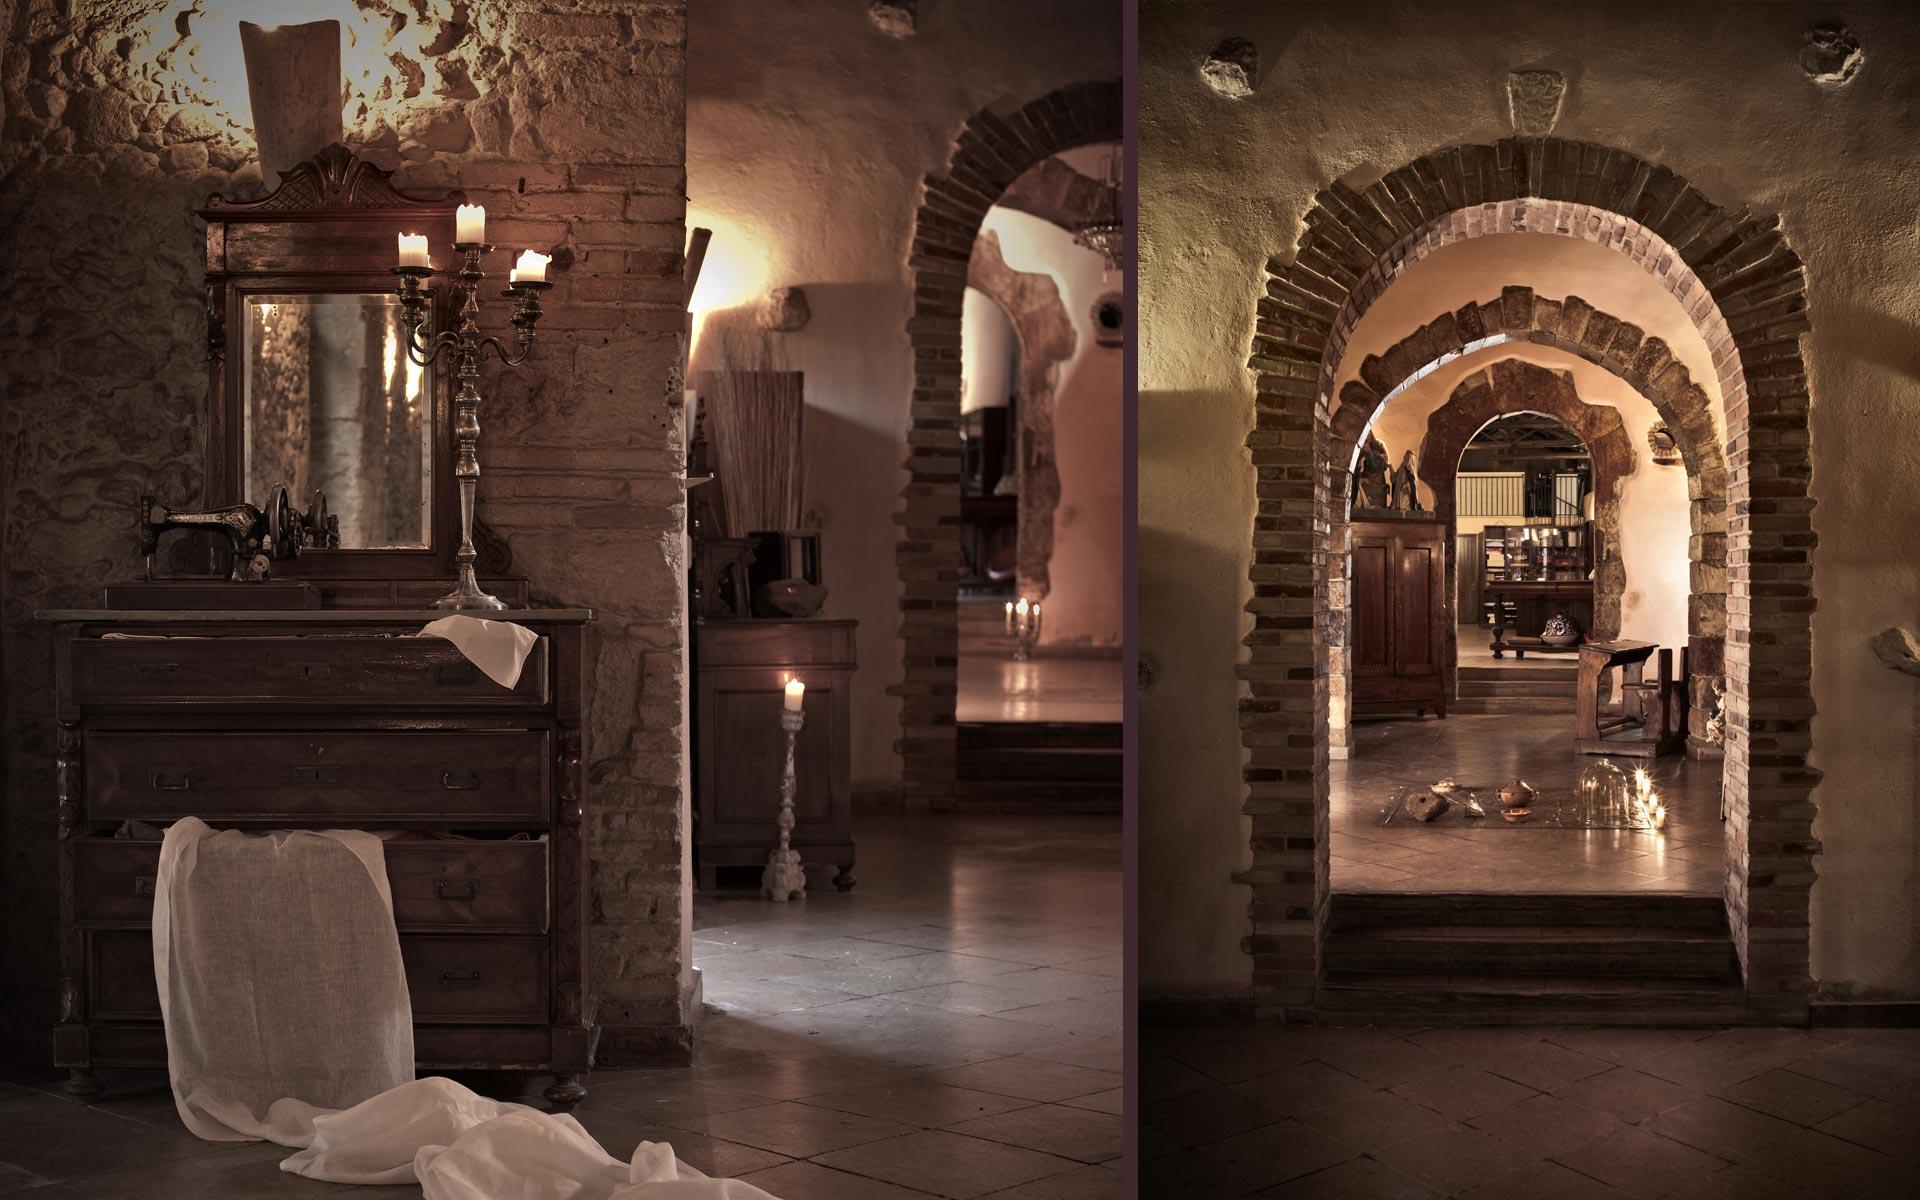 Cappella convento san giuseppe for Interno a un convento